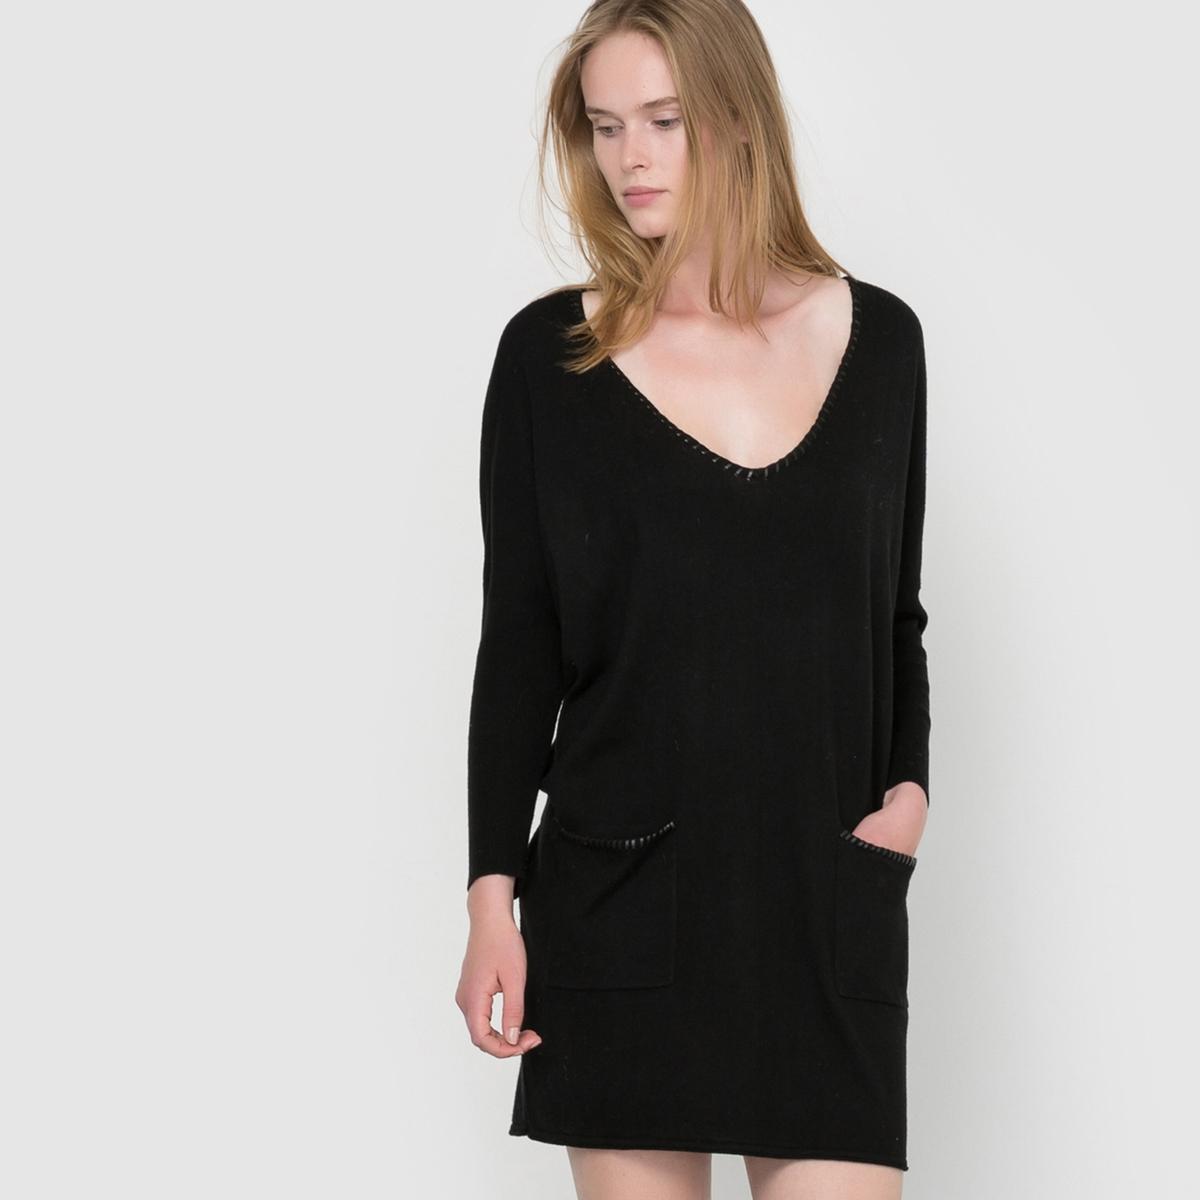 Платье из трикотажа PantxoaСостав и описаниеМатериал : 35% полиамида, 30% вискозы, 20% акрила, 10% шерсти, 5% кашемираМарка : SuncooМодель : PantxoaУходСм. рекомендации по уходу, указанные на этикетке изделия<br><br>Цвет: черный<br>Размер: XS